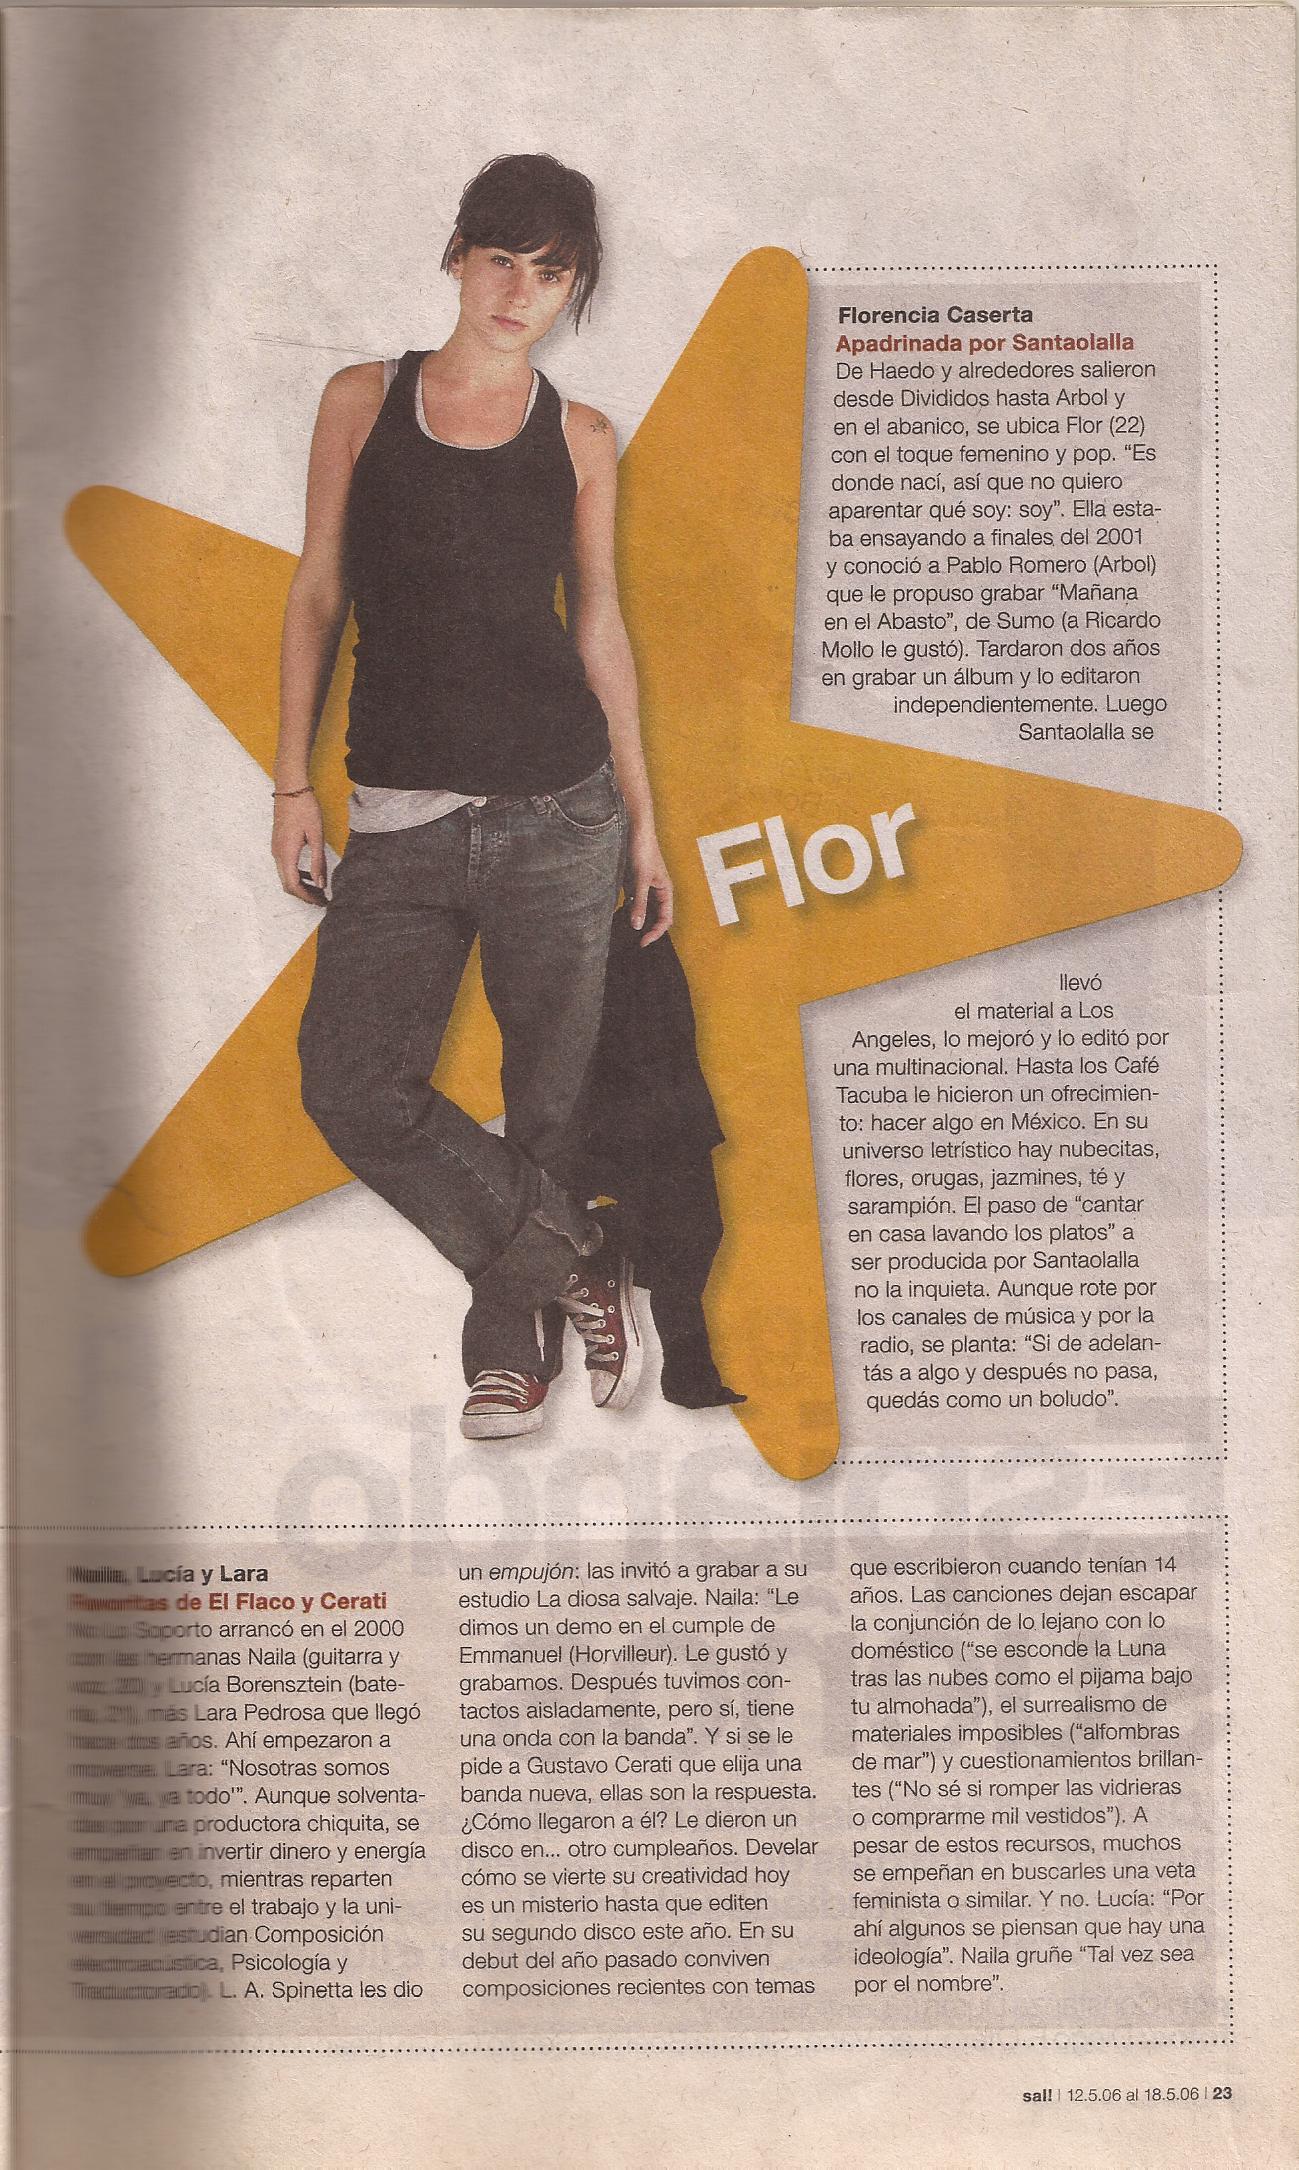 Entrevista. Revista Clarin